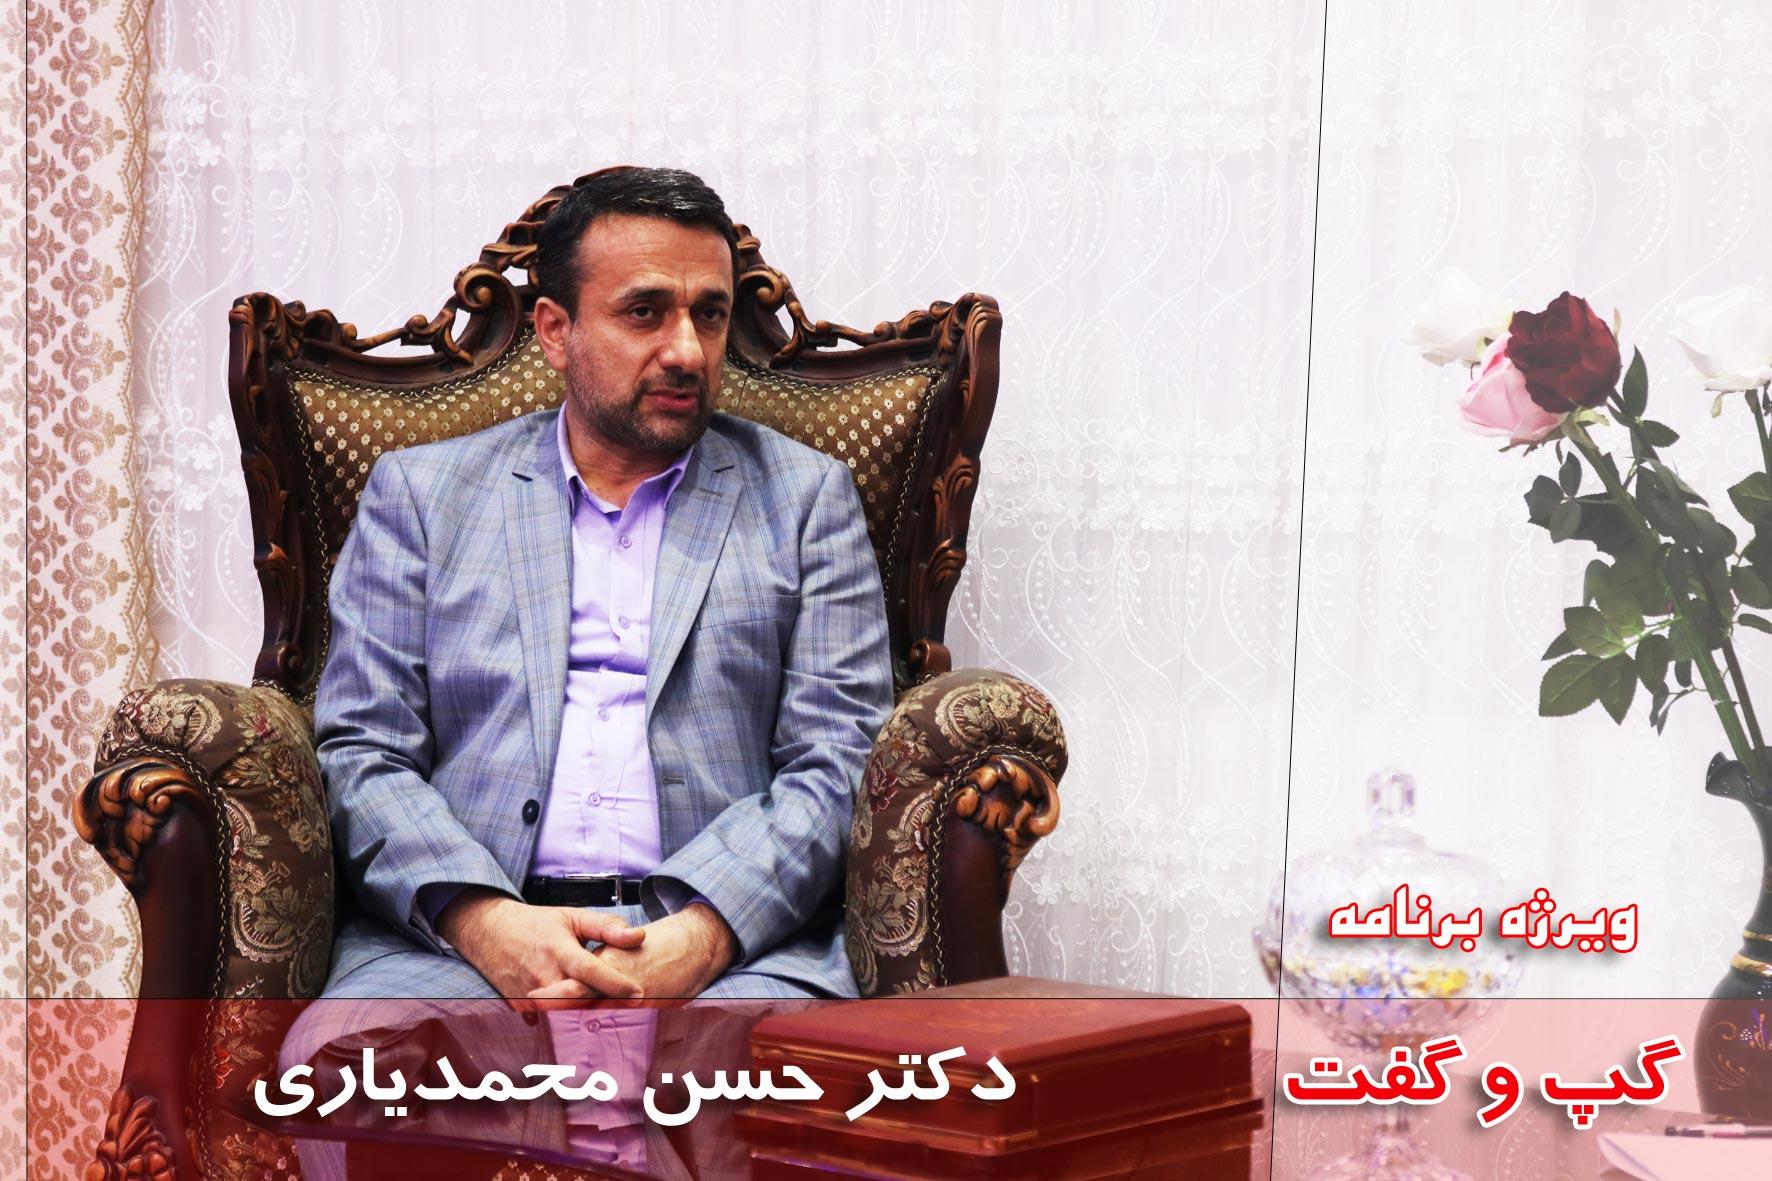 گفتگو با حسن محمدیاری نماینده تالش، رضوانشهر و ماسال